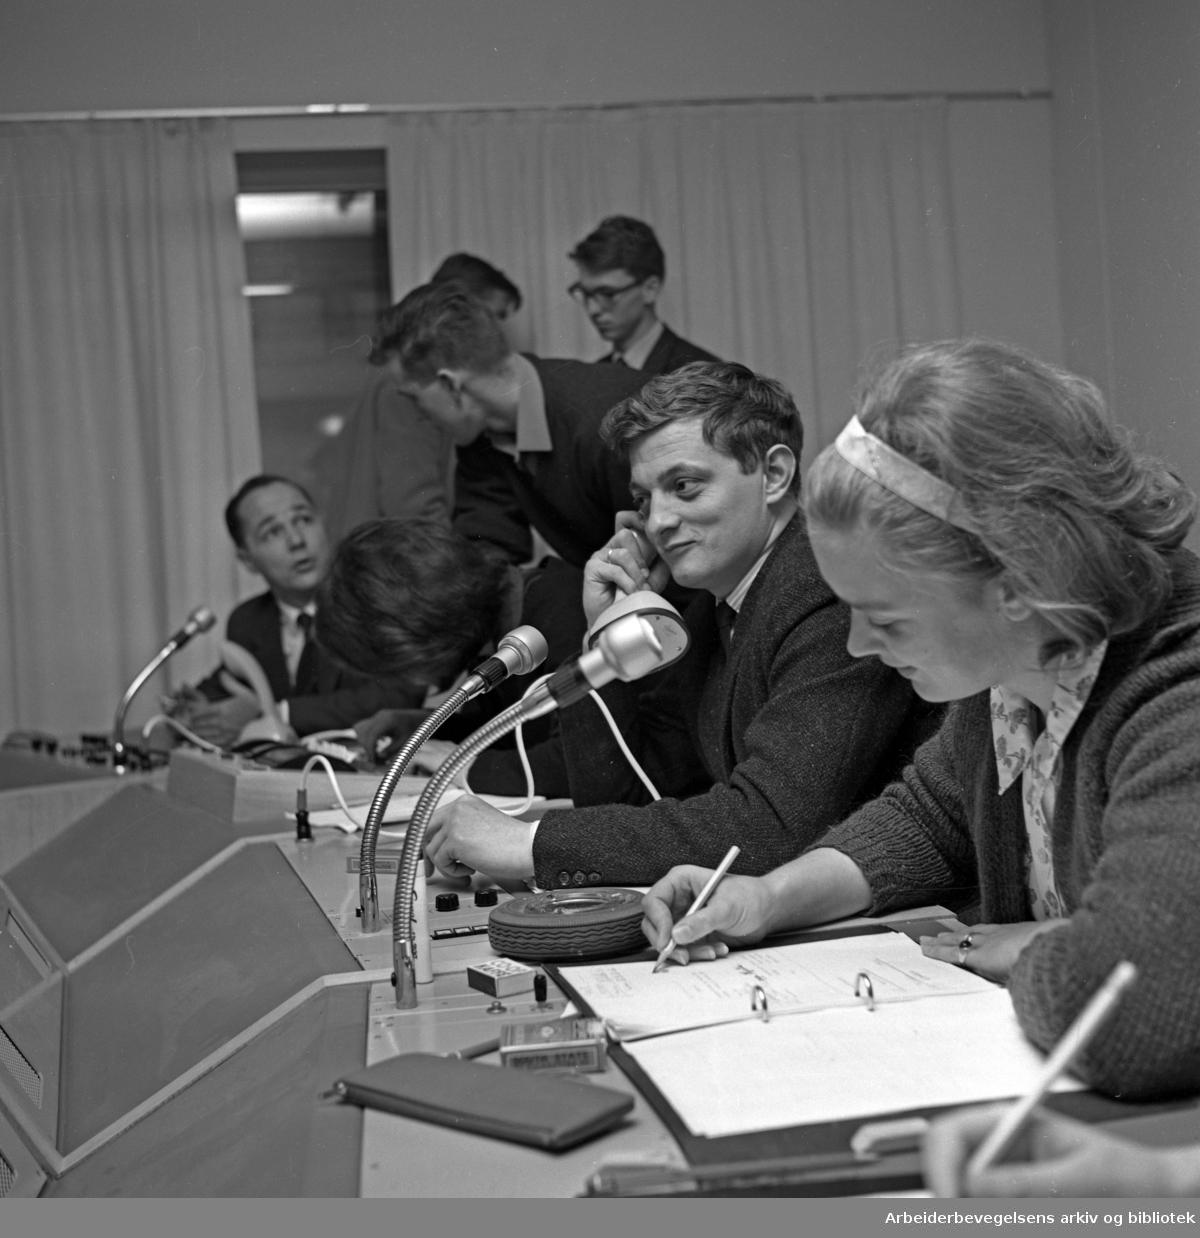 Johnny Bergh. 1934 - 2014..Tv-produsent, manusforfatter og regissør..I kontrollrommet med Kari Neegaard (Diesen d. y.) og ukjente..Udatert.